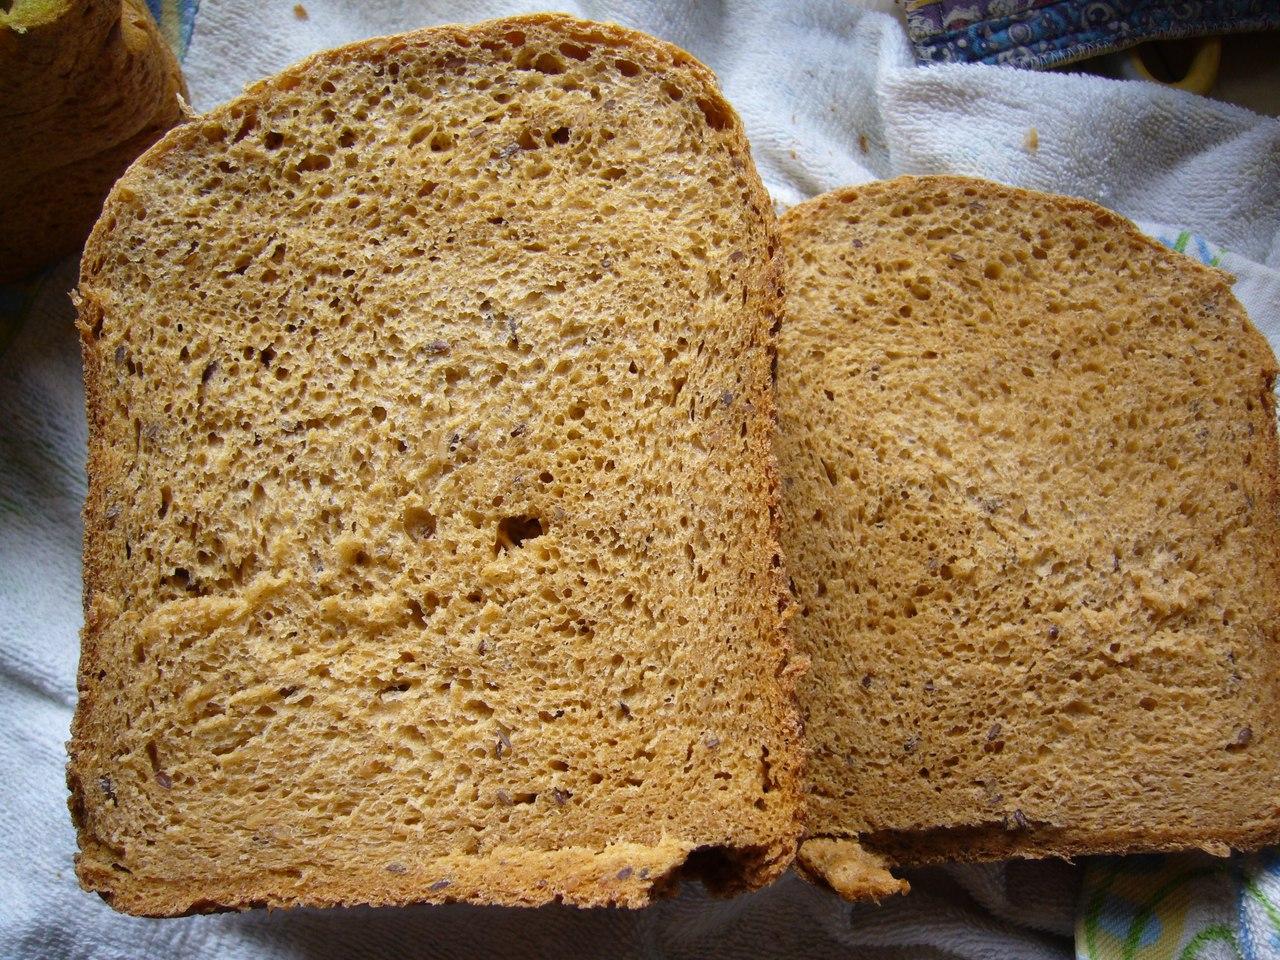 Хлеб Домашний Для Похудения. Варианты приготовления диетического хлеба